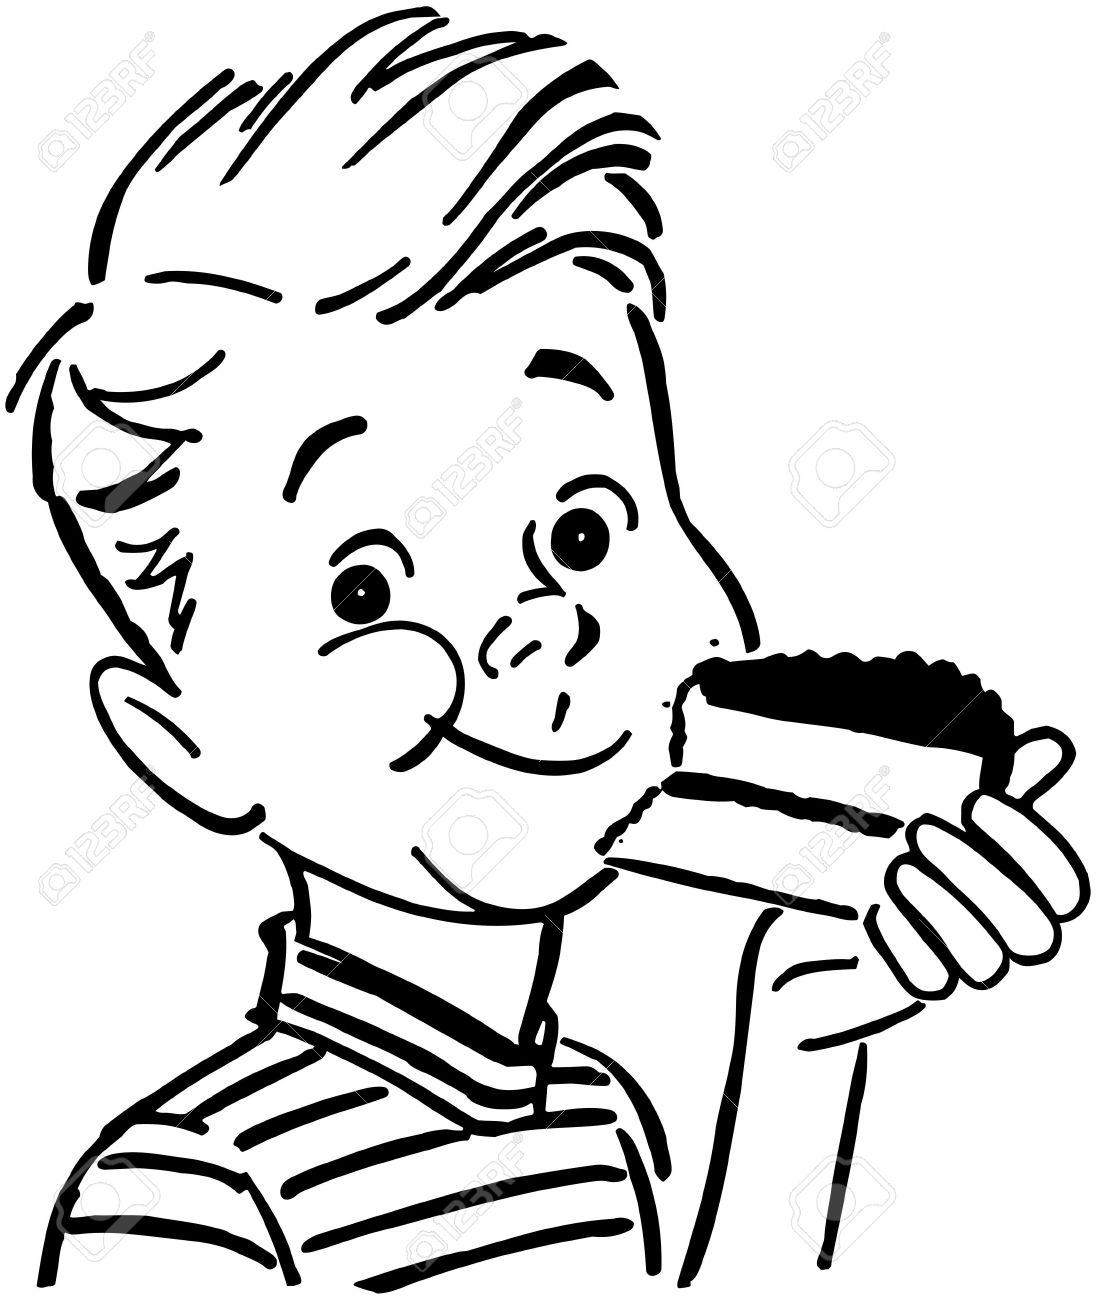 Cake  black and white eating cake clip art